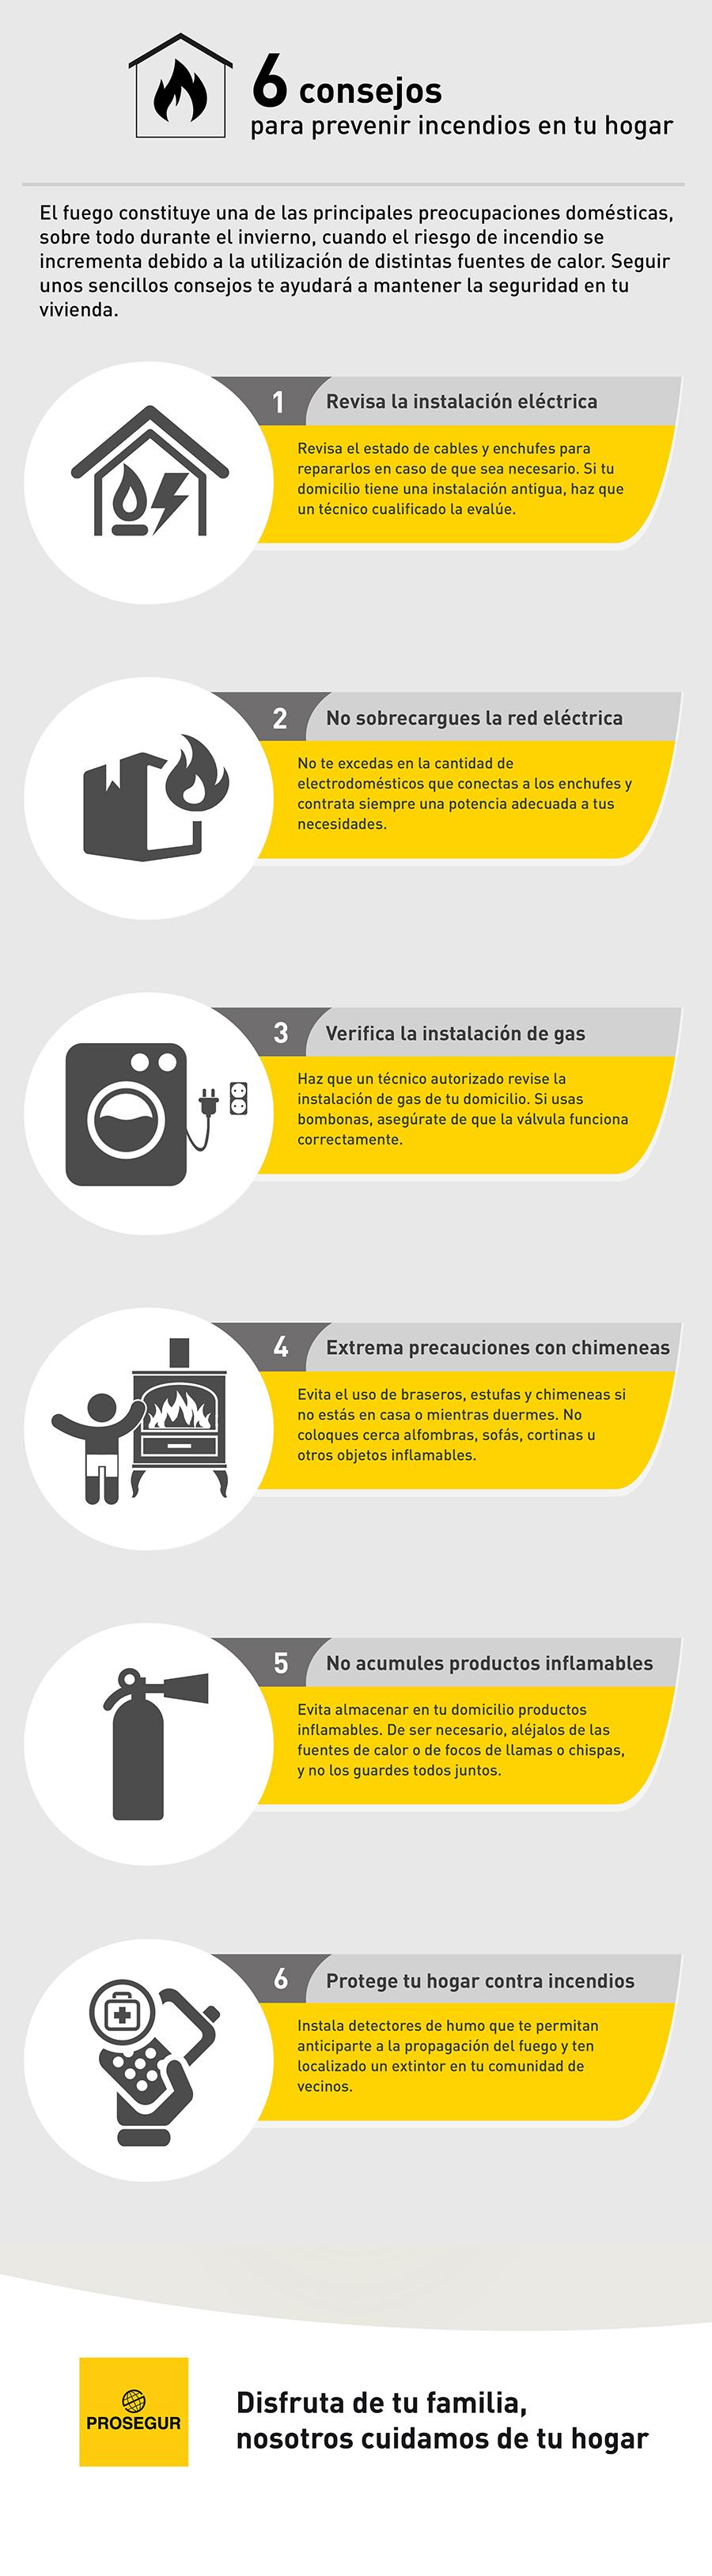 6 consejos para evitar incendios en tu hogar.